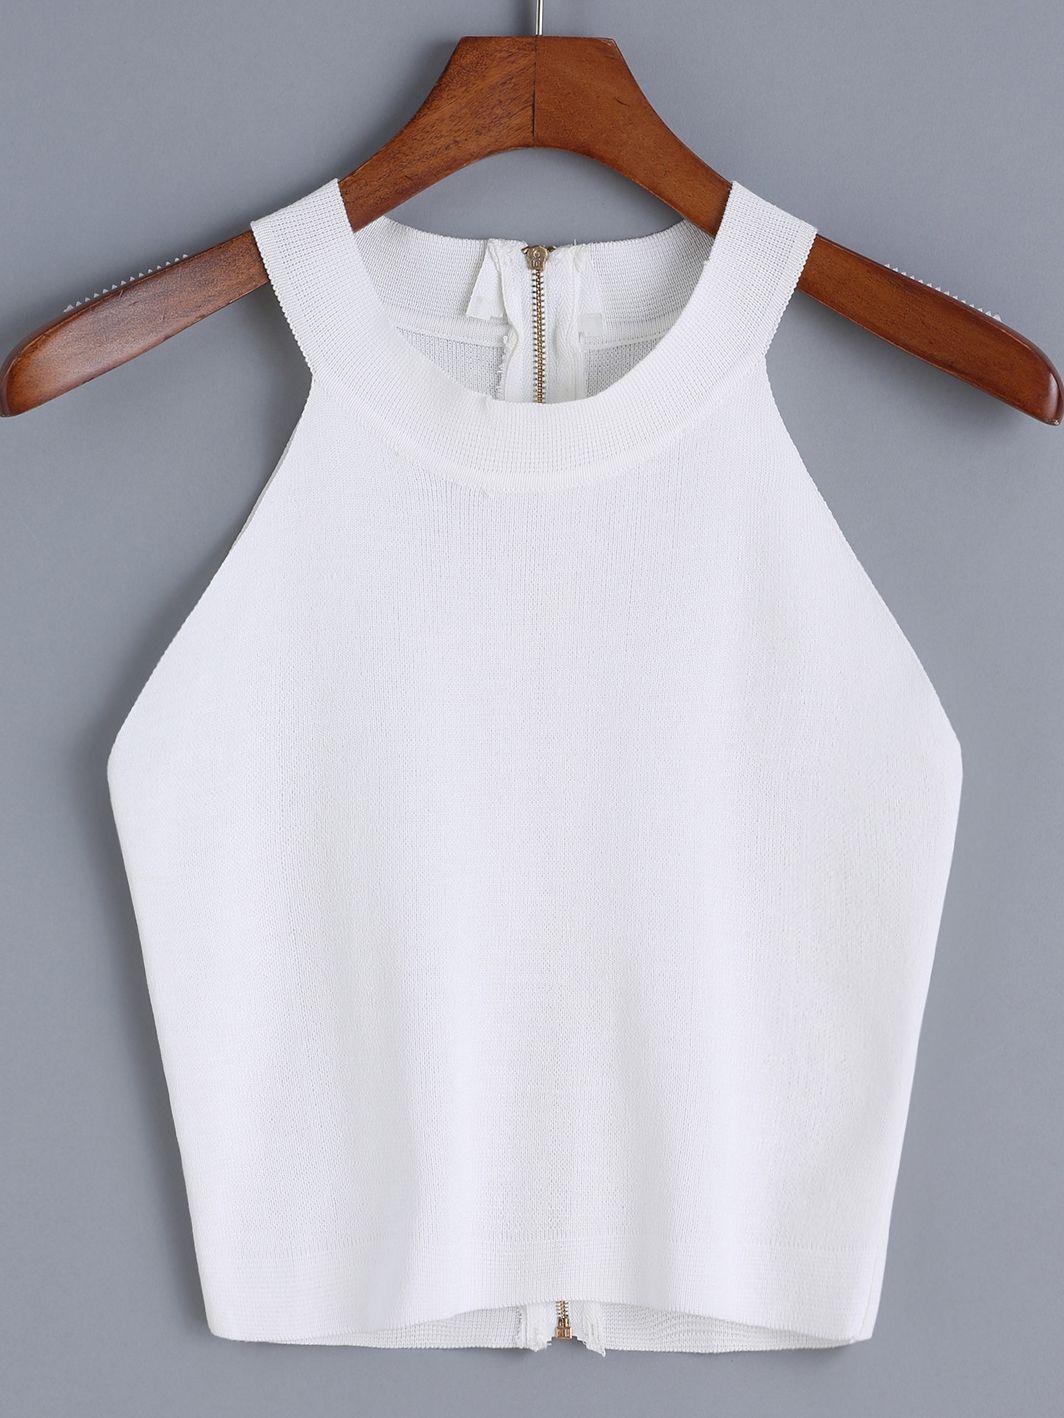 Halter Zipper Knit Cami Top | crop tops | Pinterest | Cami tops ...